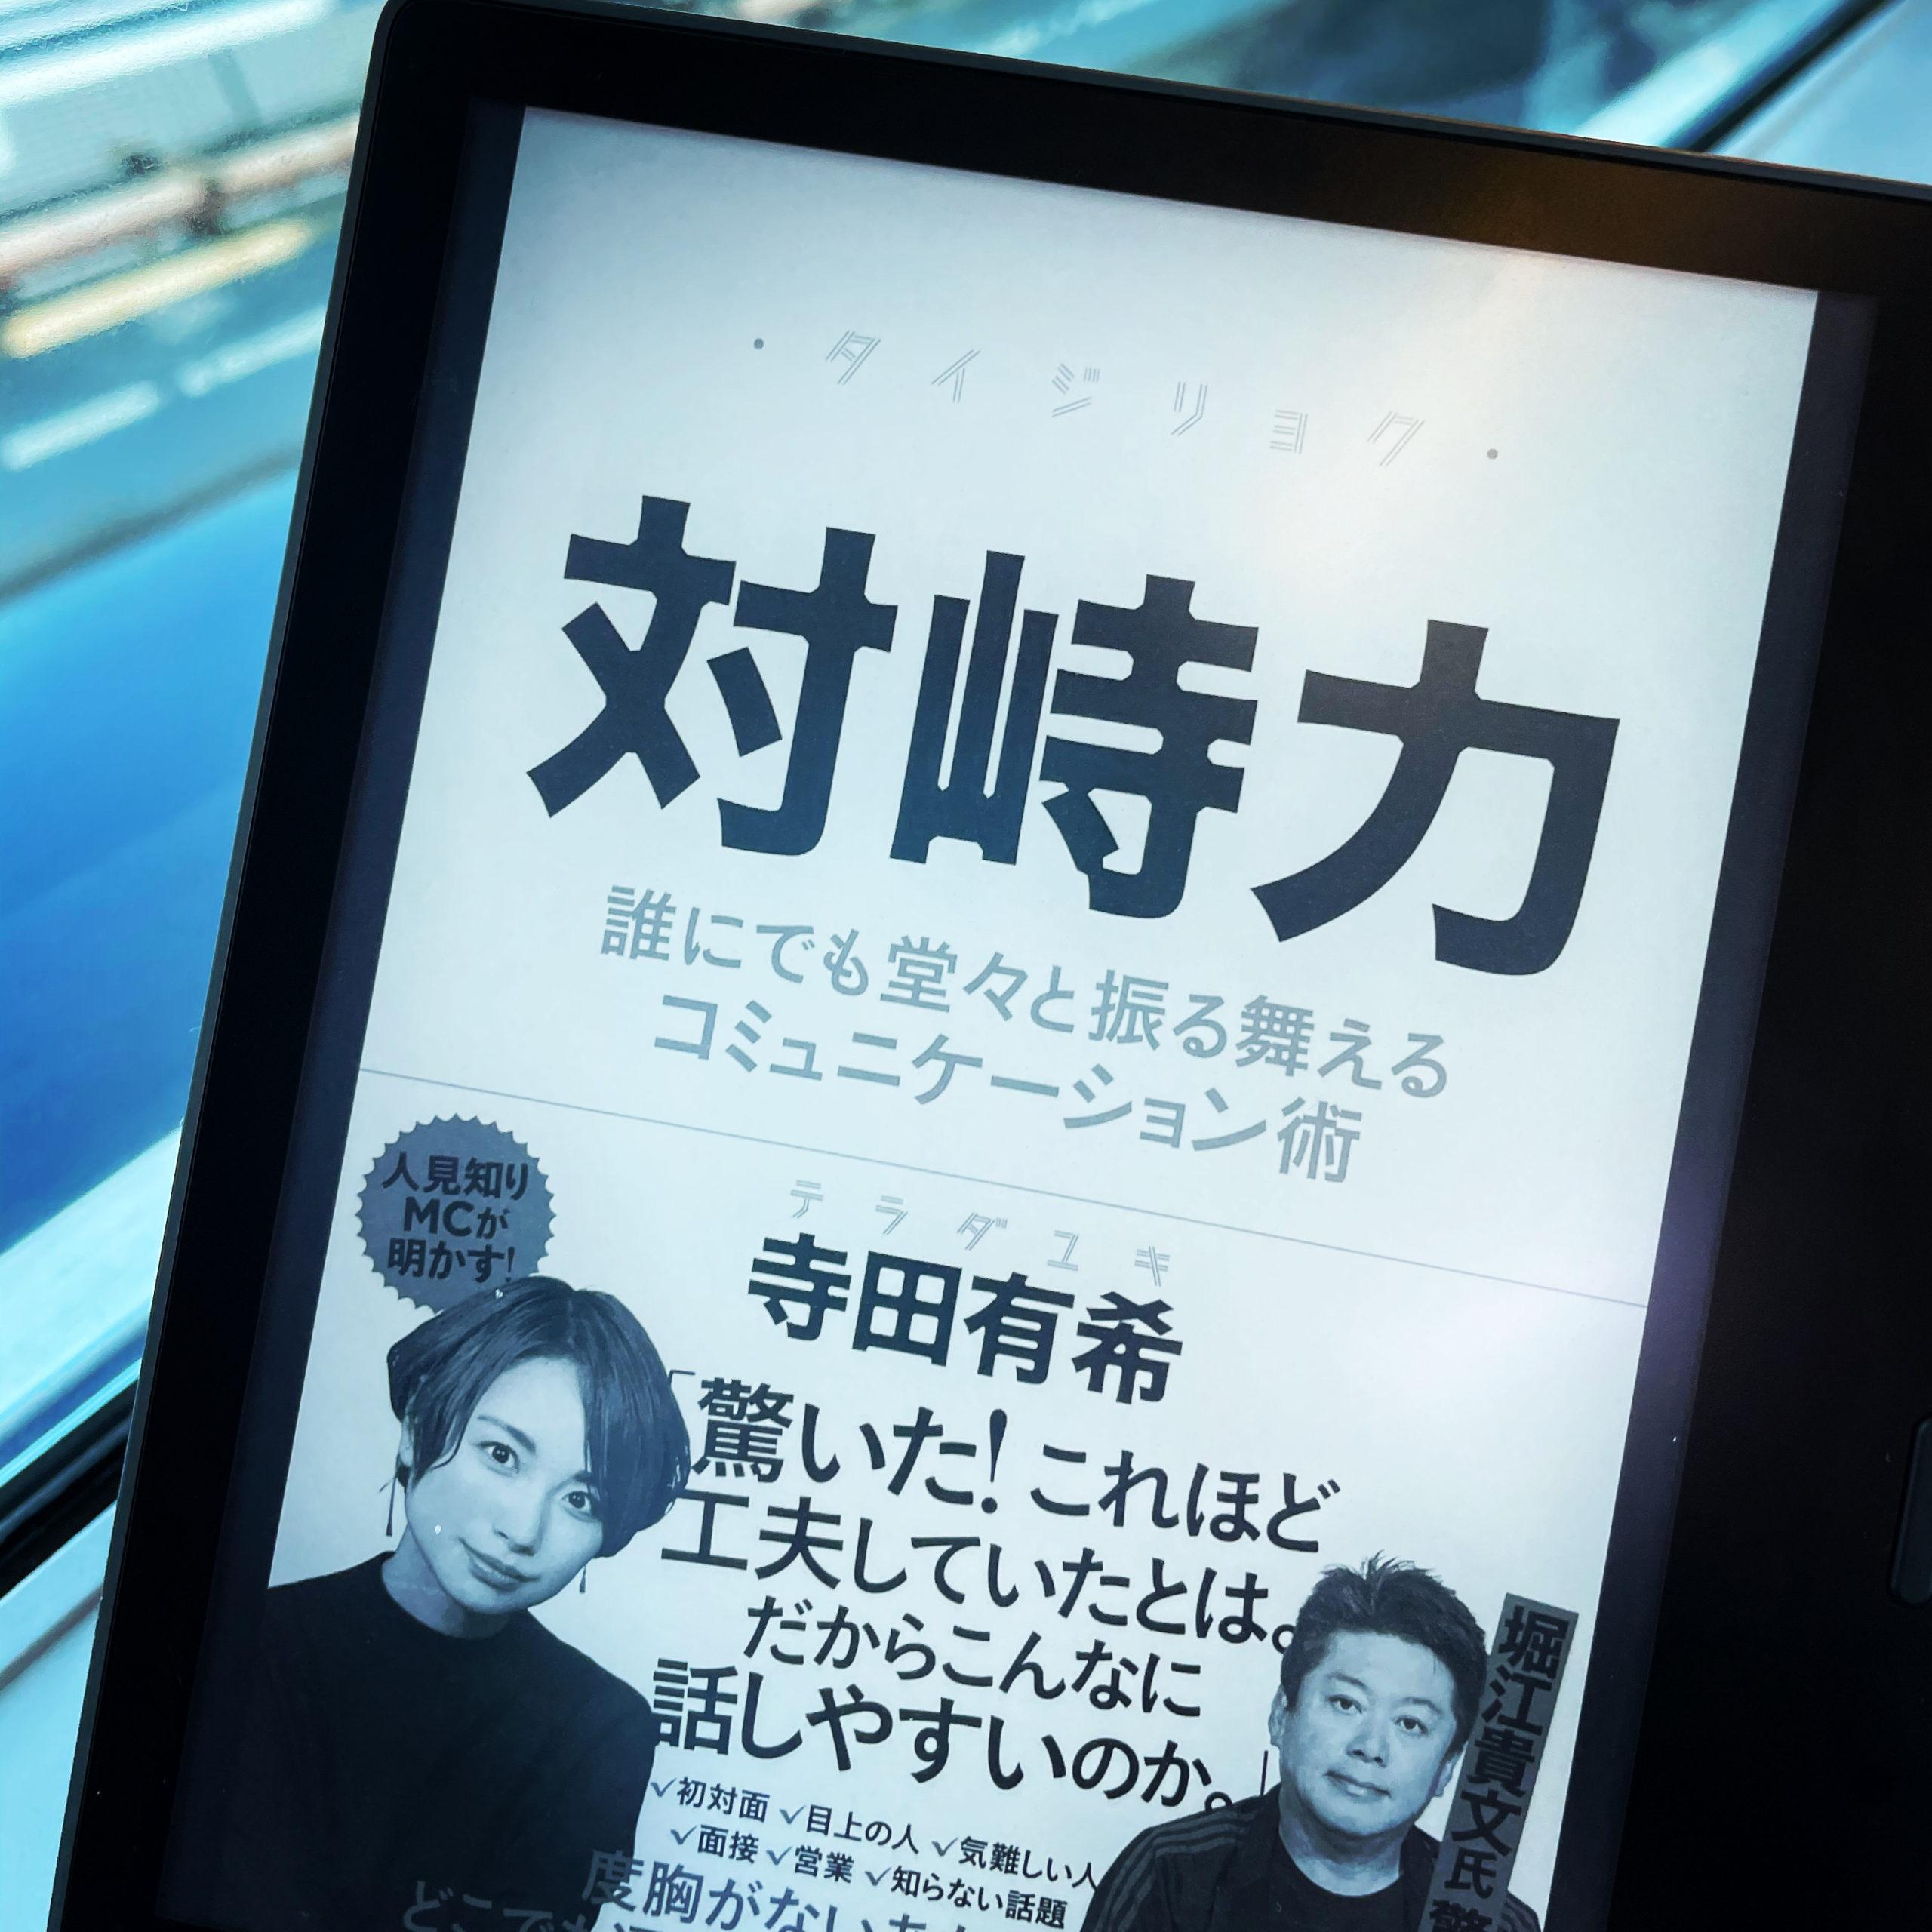 『対峙力』を読みました。